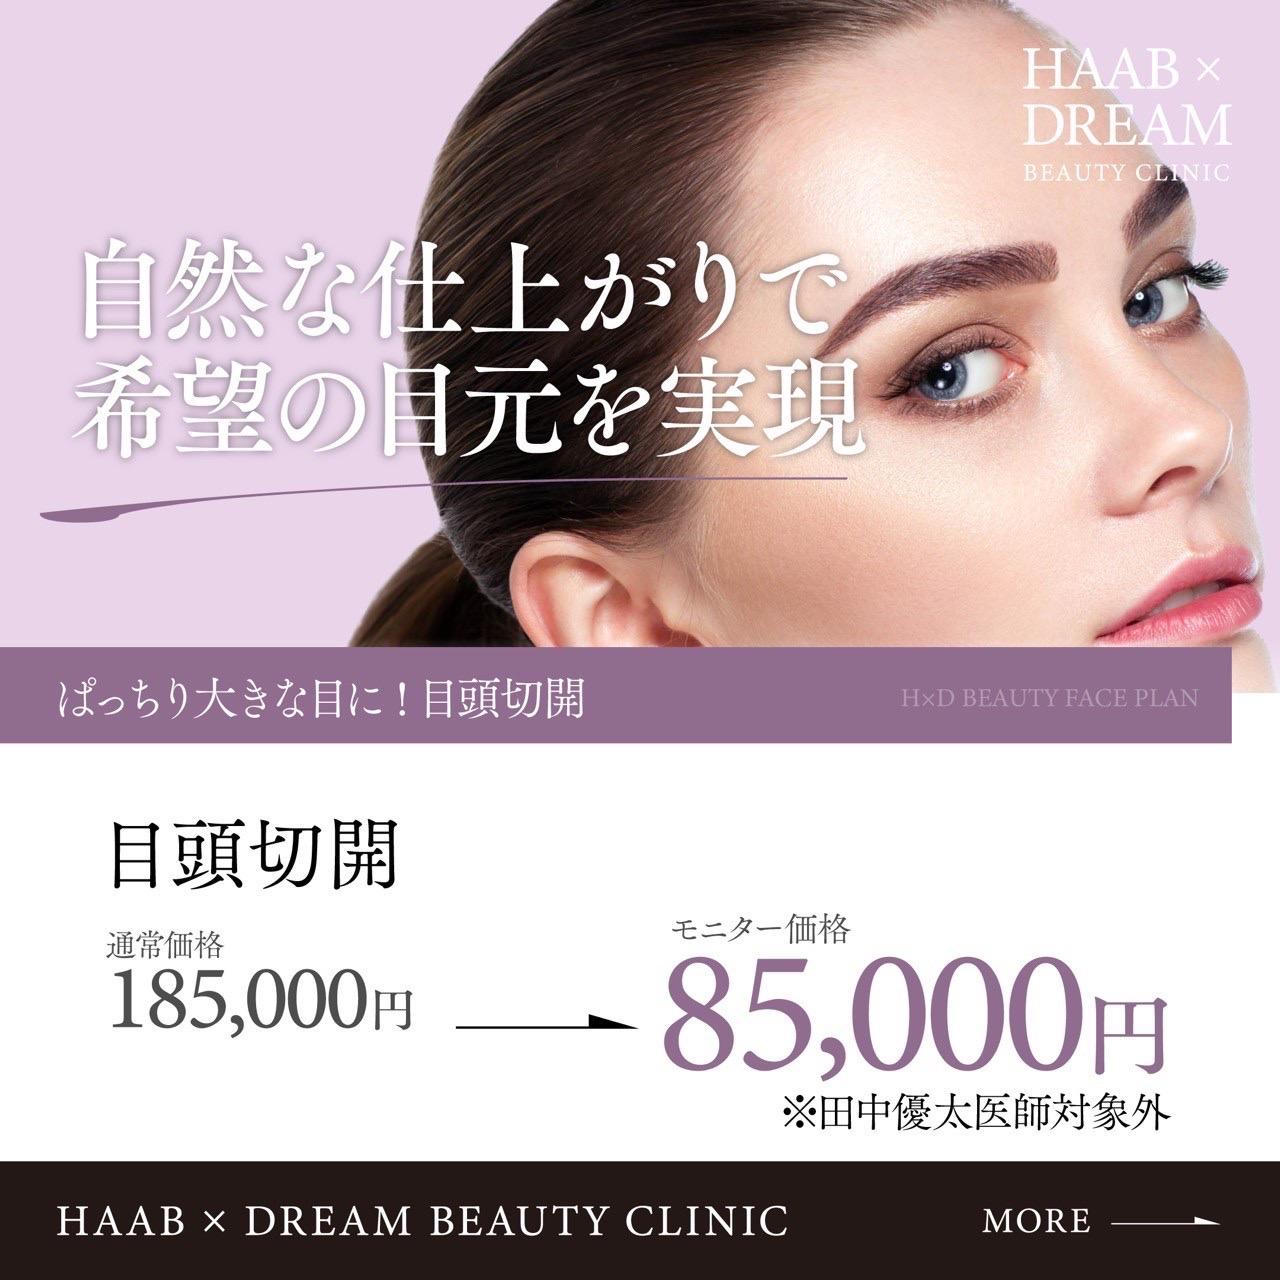 美容外科治療の目頭切開の特別プラン告知画像